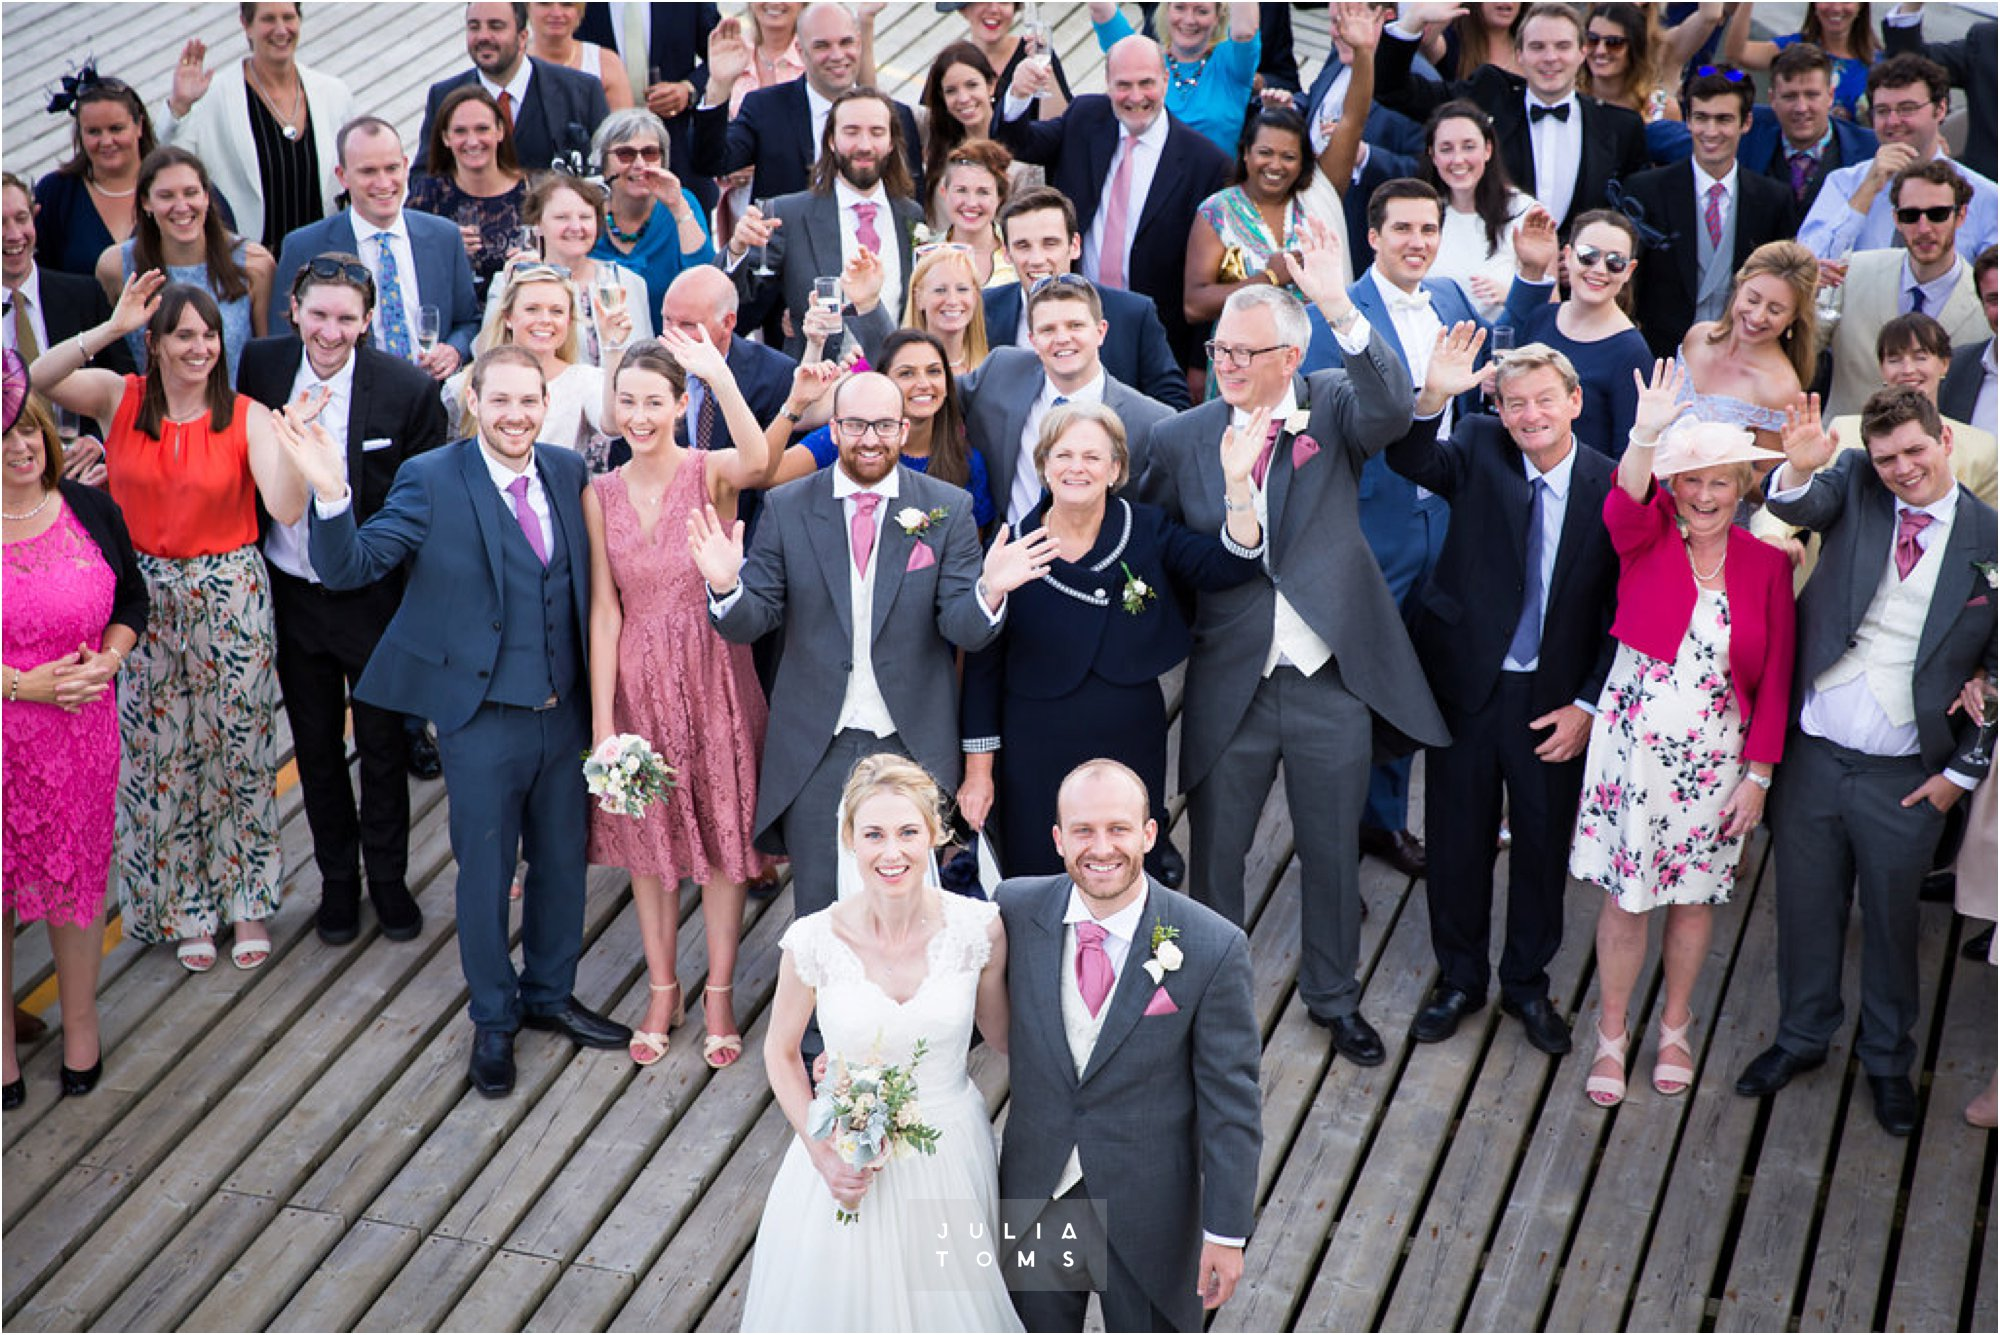 itchenor_wedding_chichester_photographer_073.jpg